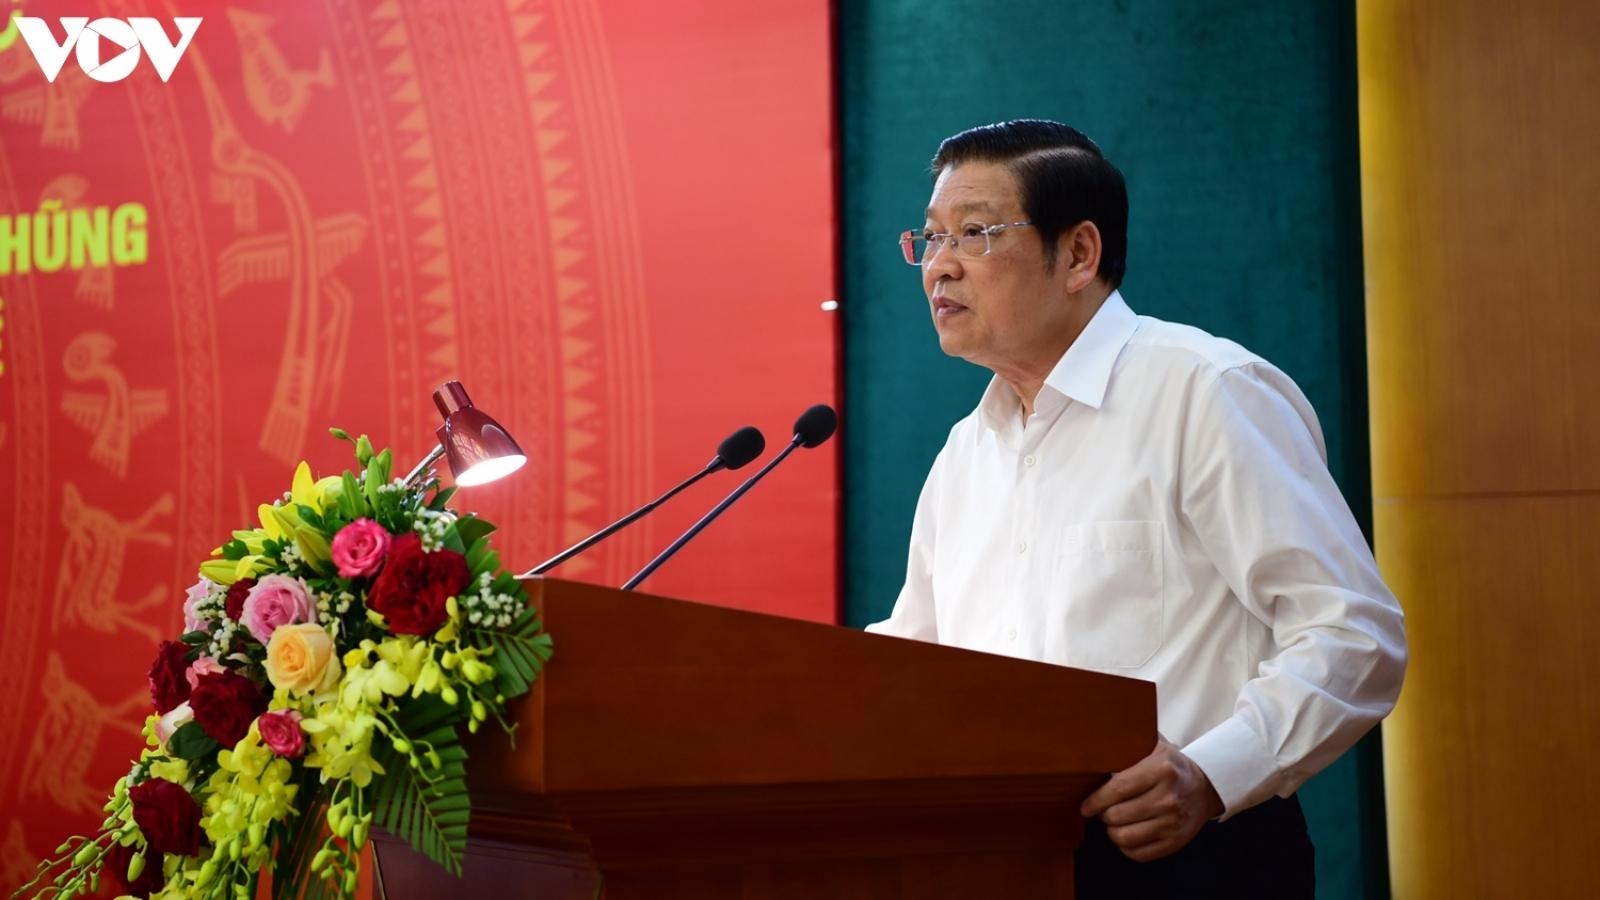 Trưởng Ban Nội chính Trung ương: Có cơ chế để bảo vệ những người tố cáo, chống tham nhũng